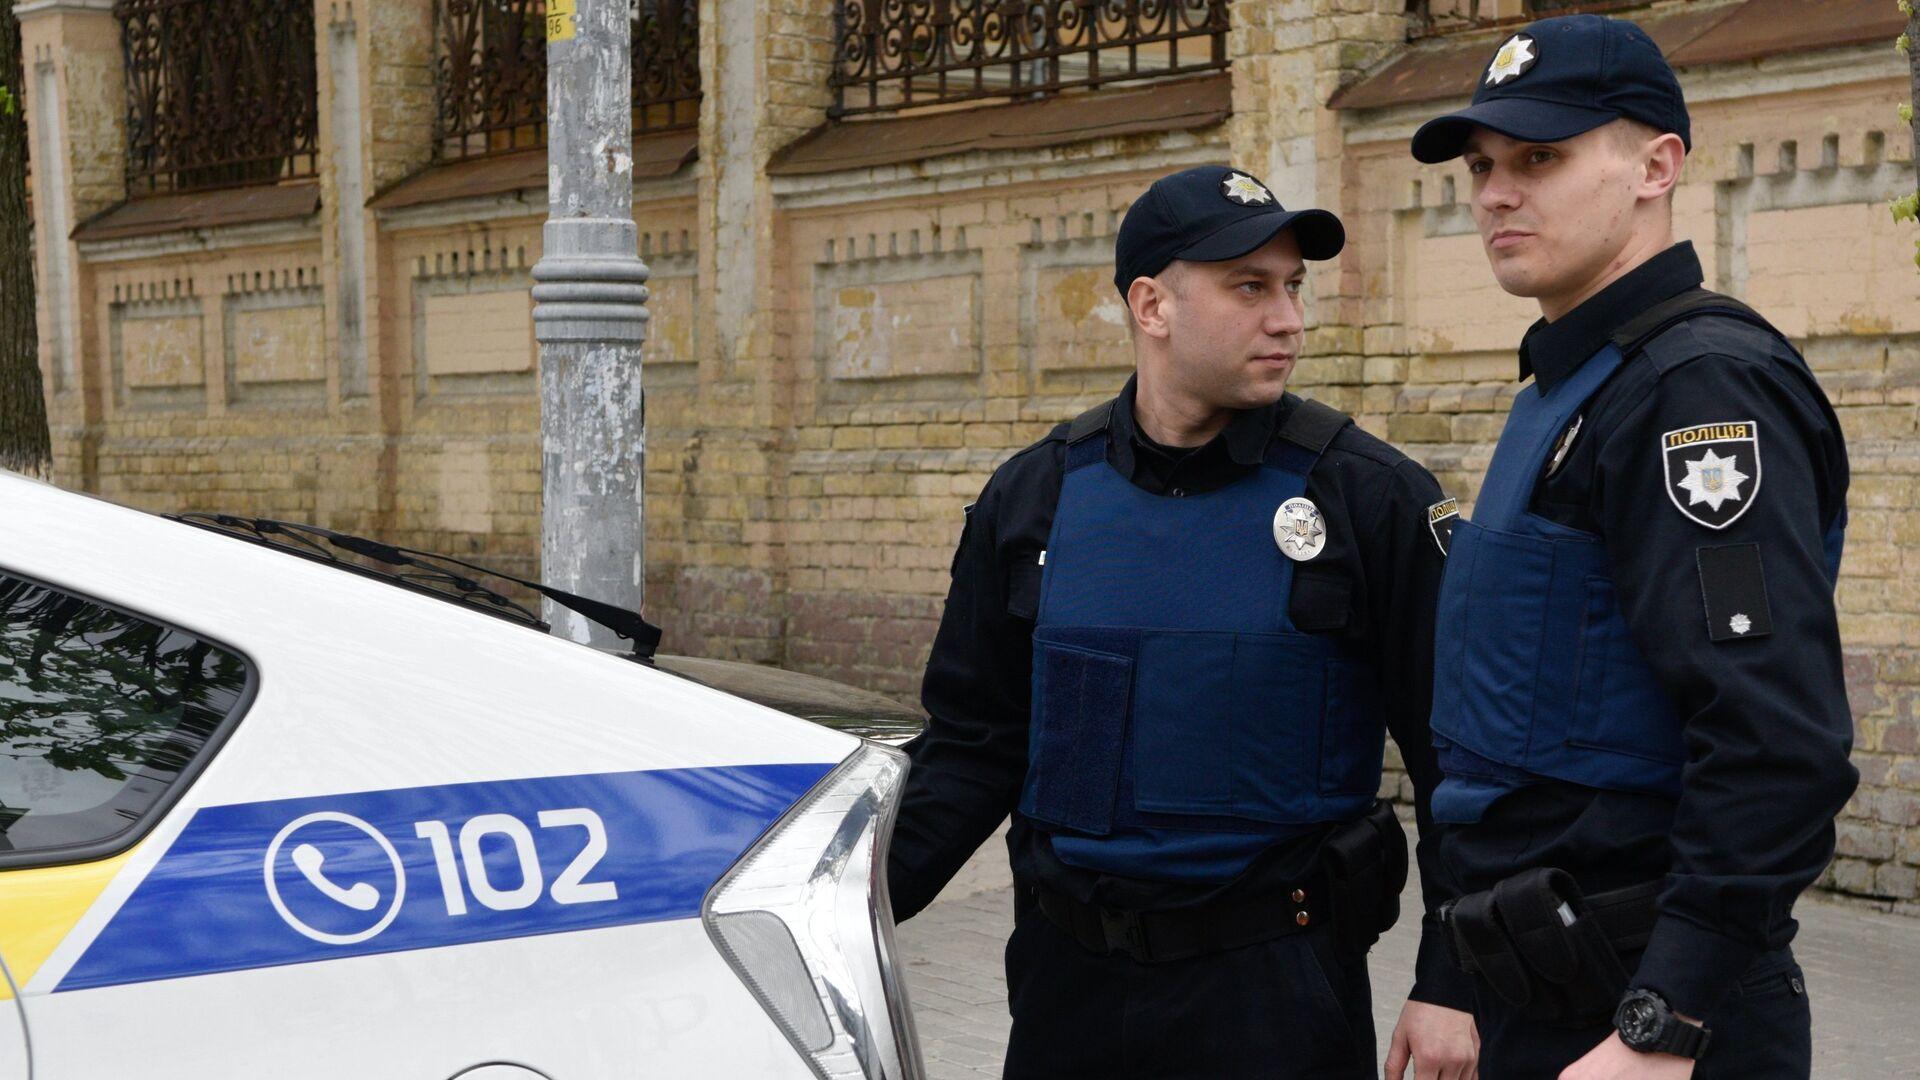 Ukrajinska policija u Kijevu - Sputnik Srbija, 1920, 22.09.2021